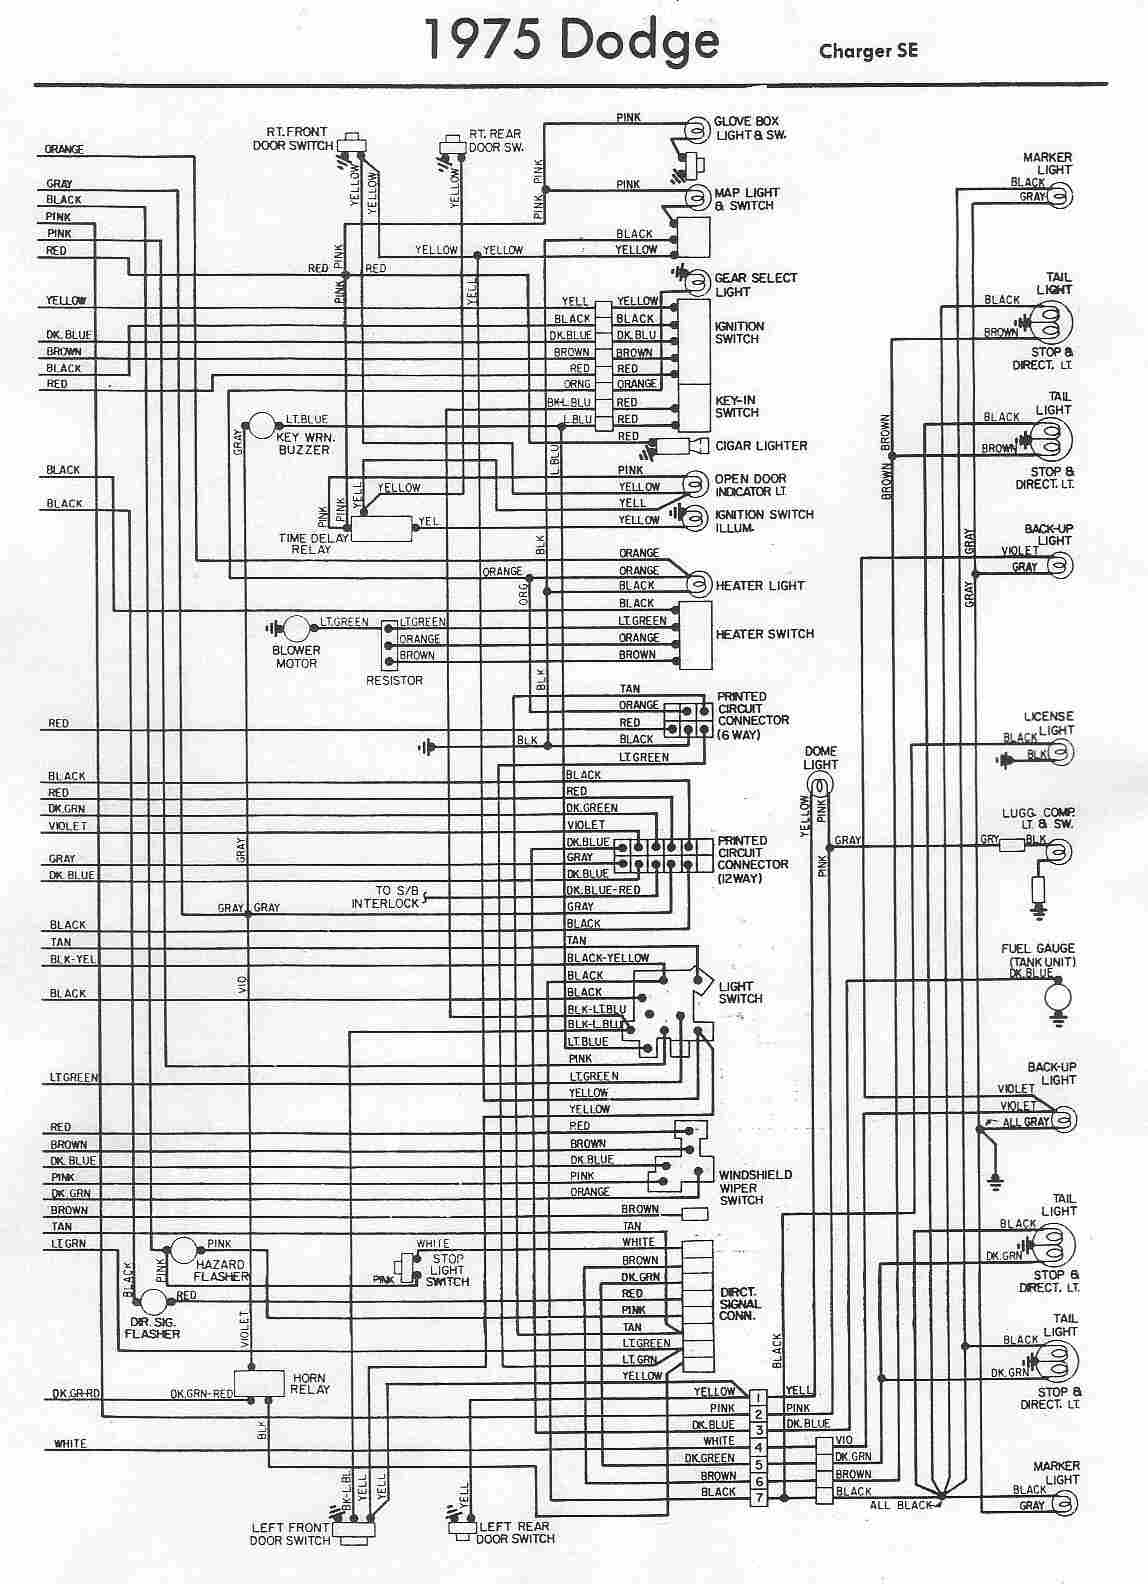 1998 dodge ram 1500 van owners manual pdf